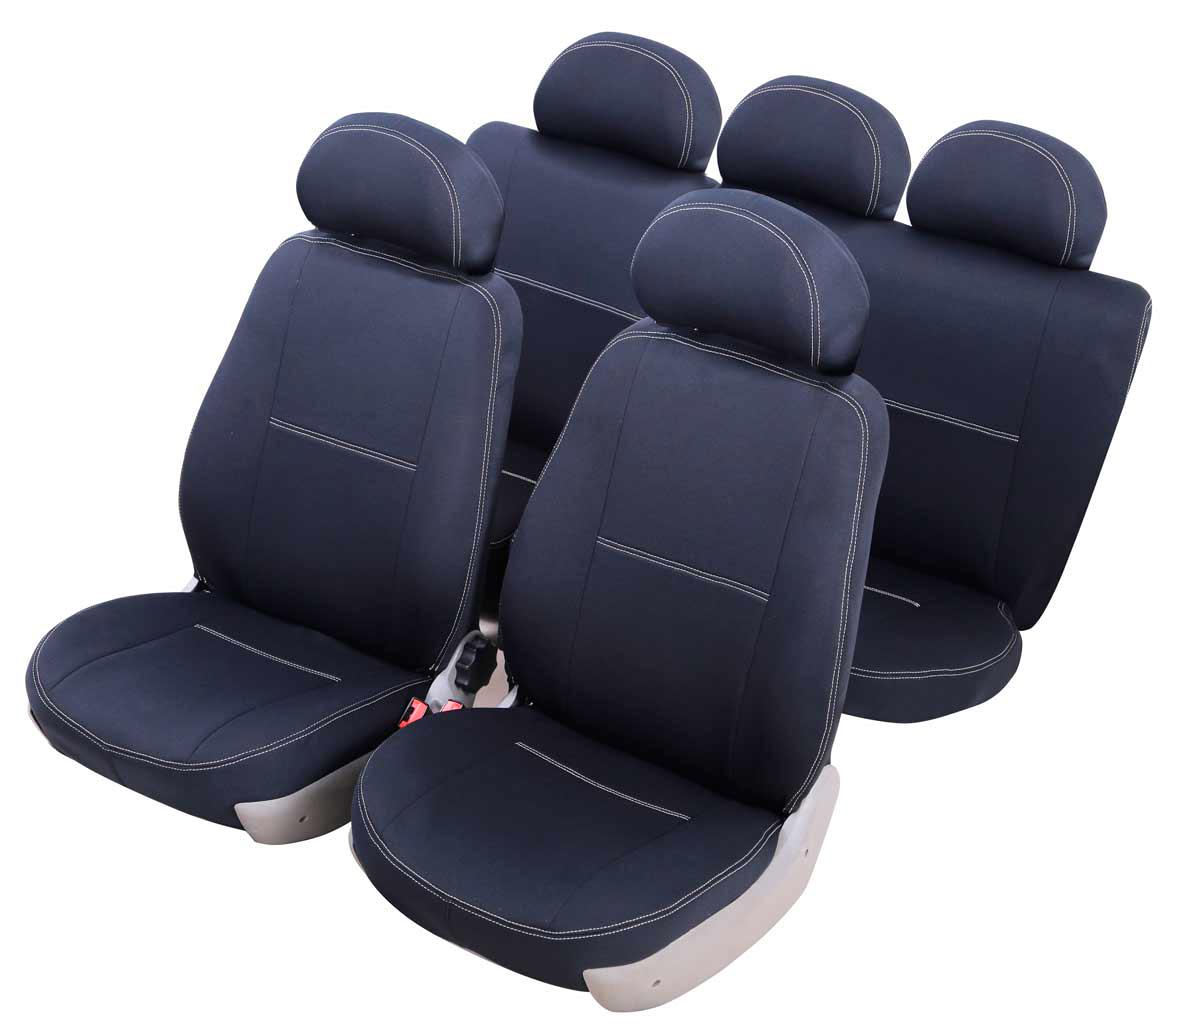 Чехлы на автокресло Azard Standard, для Hyundai Accent (2000-2012 гг), седан, цвет: черныйA4010141Модельные чехлы из полиэстера Azard Standard. Разработаны в РФ индивидуально для каждого автомобиля.Чехлы Azard Standard серийно выпускаются на собственном швейном производстве в России.Чехлы идеально повторяют штатную форму сидений и выглядят как оригинальная обивка сидений. Для простоты установки используется липучка Velcro, учтены все технологические отверстия.Чехлы сохраняют полную функциональность салона – трасформация сидений, возможность установки детских кресел ISOFIX, не препятствуют работе подушек безопасности AIRBAG и подогрева сидений.Дизайн чехлов Azard Standard приближен к оригинальной обивке салона. Декоративная контрастная прострочка по периметру авточехлов придает стильный и изысканный внешний вид интерьеру автомобиля.Чехлы Azard Standard изготовлены из полиэстера, триплированного огнеупорным поролоном толщиной 3 мм, за счет чего чехол приобретает дополнительную мягкость. Подложка из спандбонда сохраняет свойства поролона и предотвращает его разрушение.Авточехлы Azard Standard просты в уходе – загрязнения легко удаляются влажной тканью.